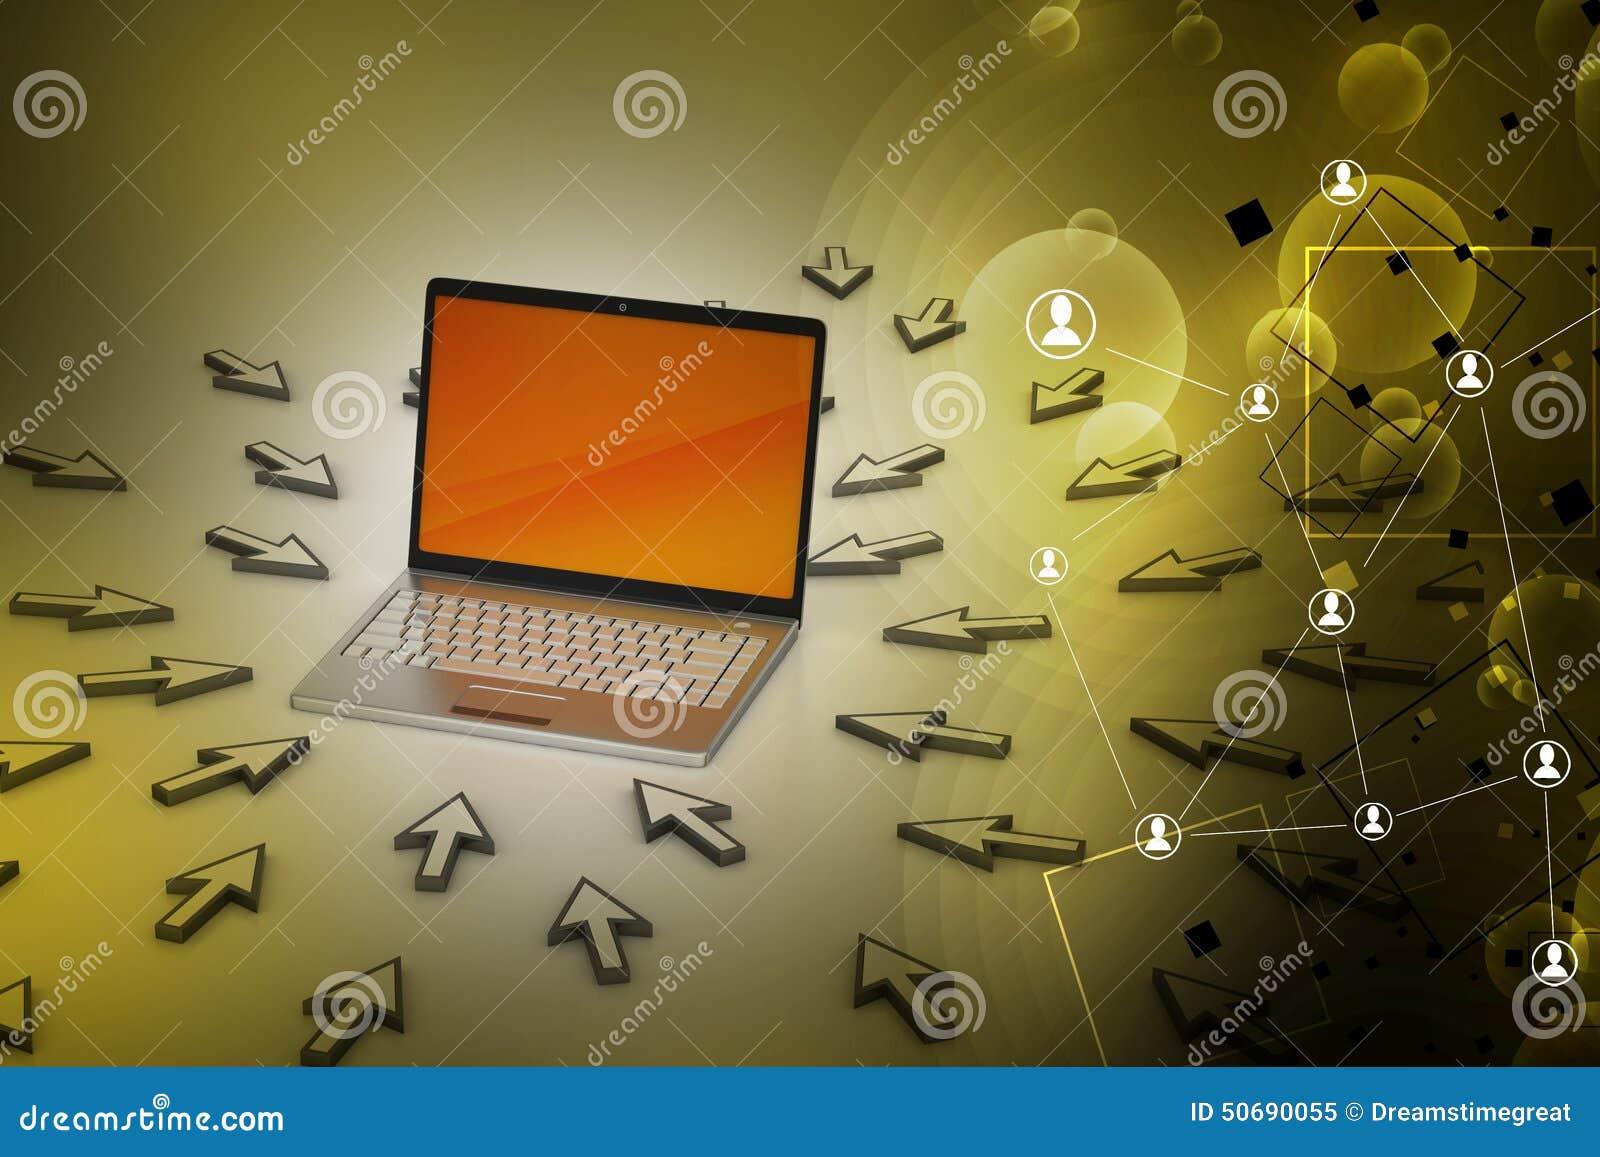 Download 在老鼠点附近的膝上型计算机 库存图片. 图片 包括有 计算机, 屏幕, 连结, 电子, 陈列, 数字式, 游标 - 50690055